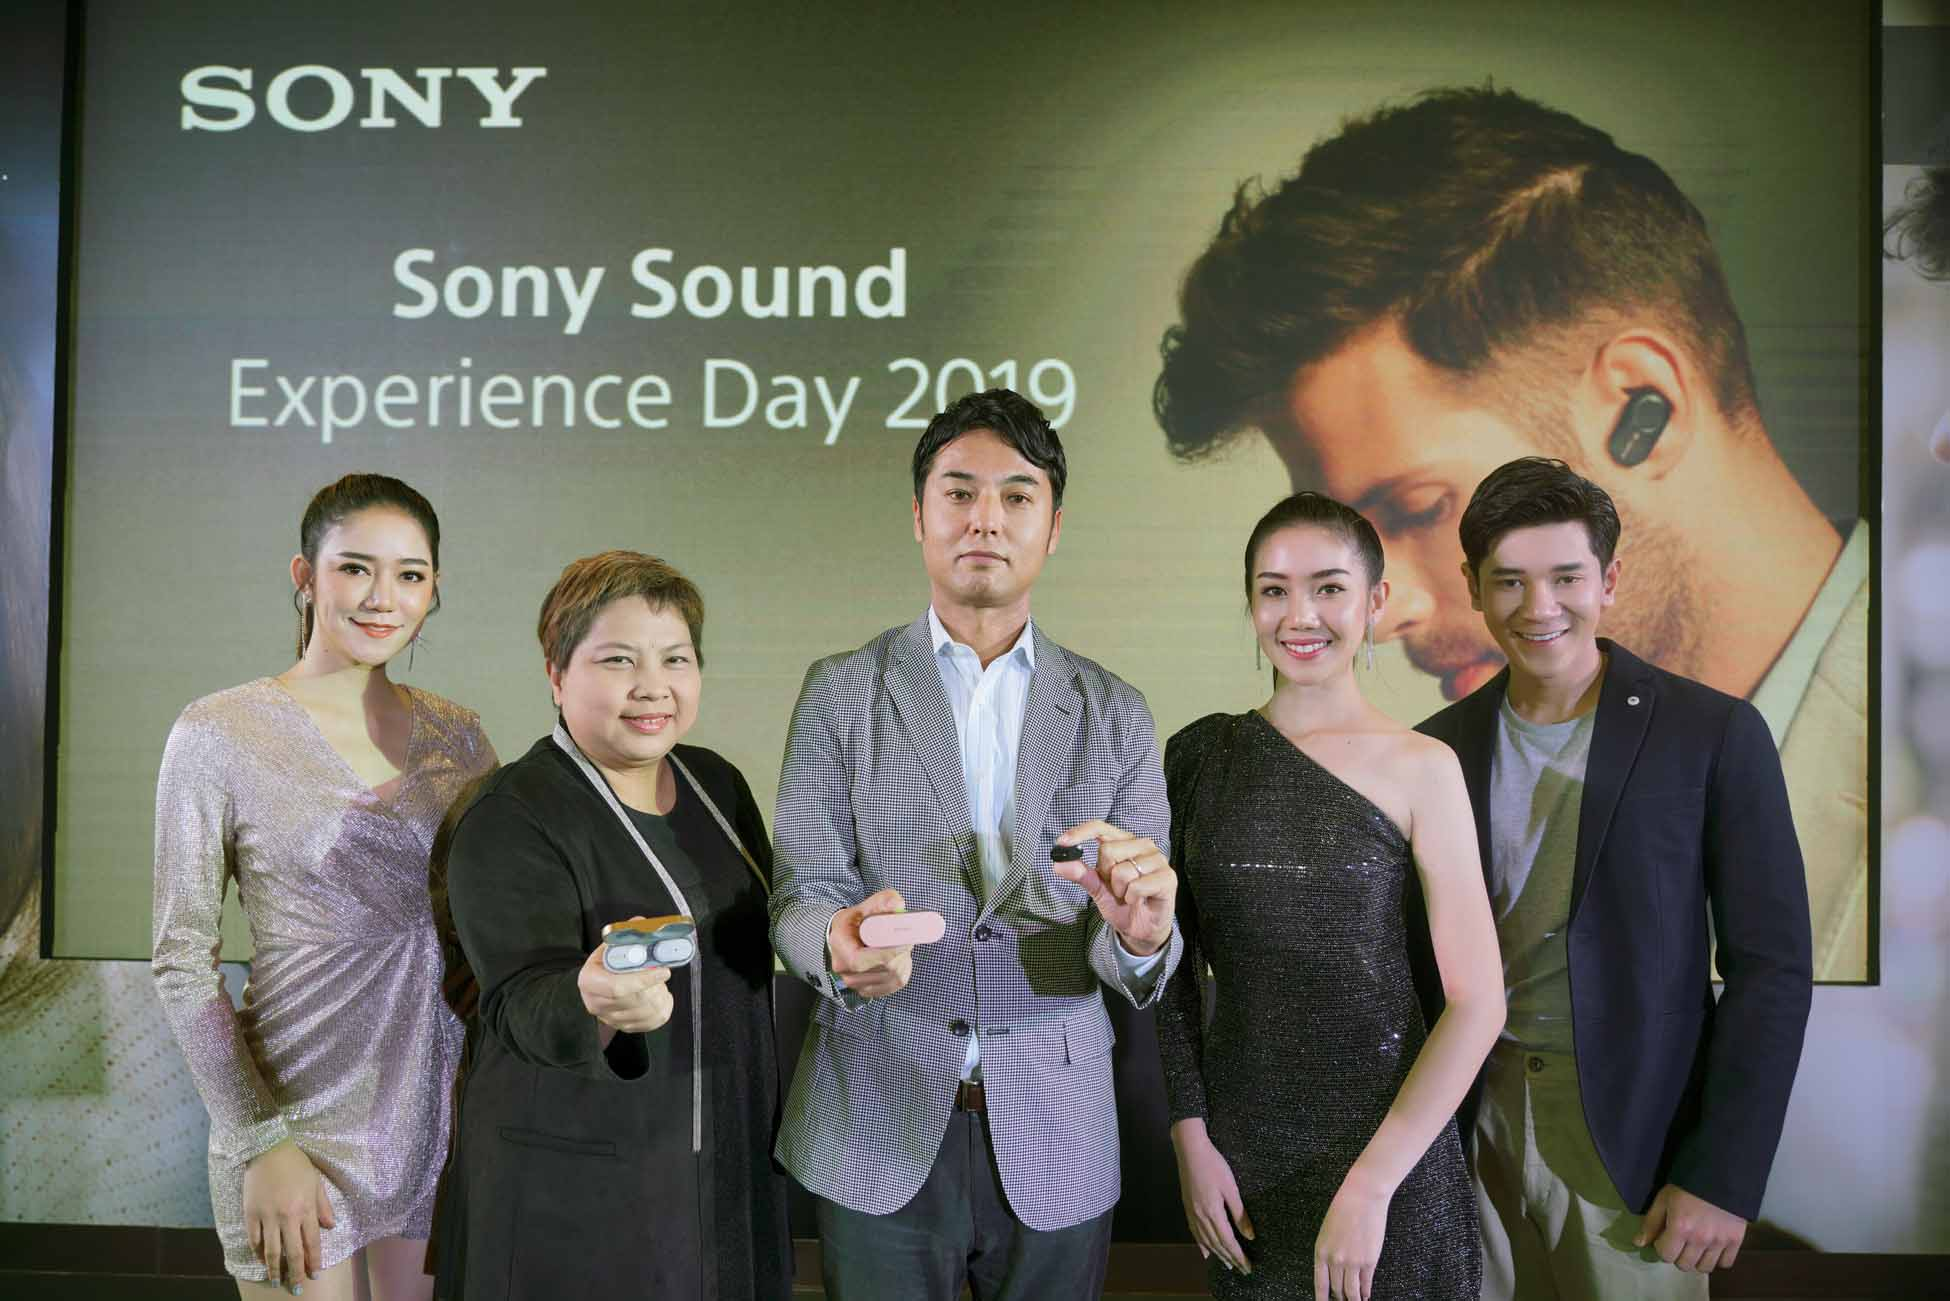 โซนี่ไทยย้ำภาพผู้นำวงการเทคโนโลยีหูฟังสุดล้ำ ส่ง WF-1000XM3 ปลุกกระแสตลาดหูฟังไร้สายตัดเสียงรบกวนคุณภาพสูง